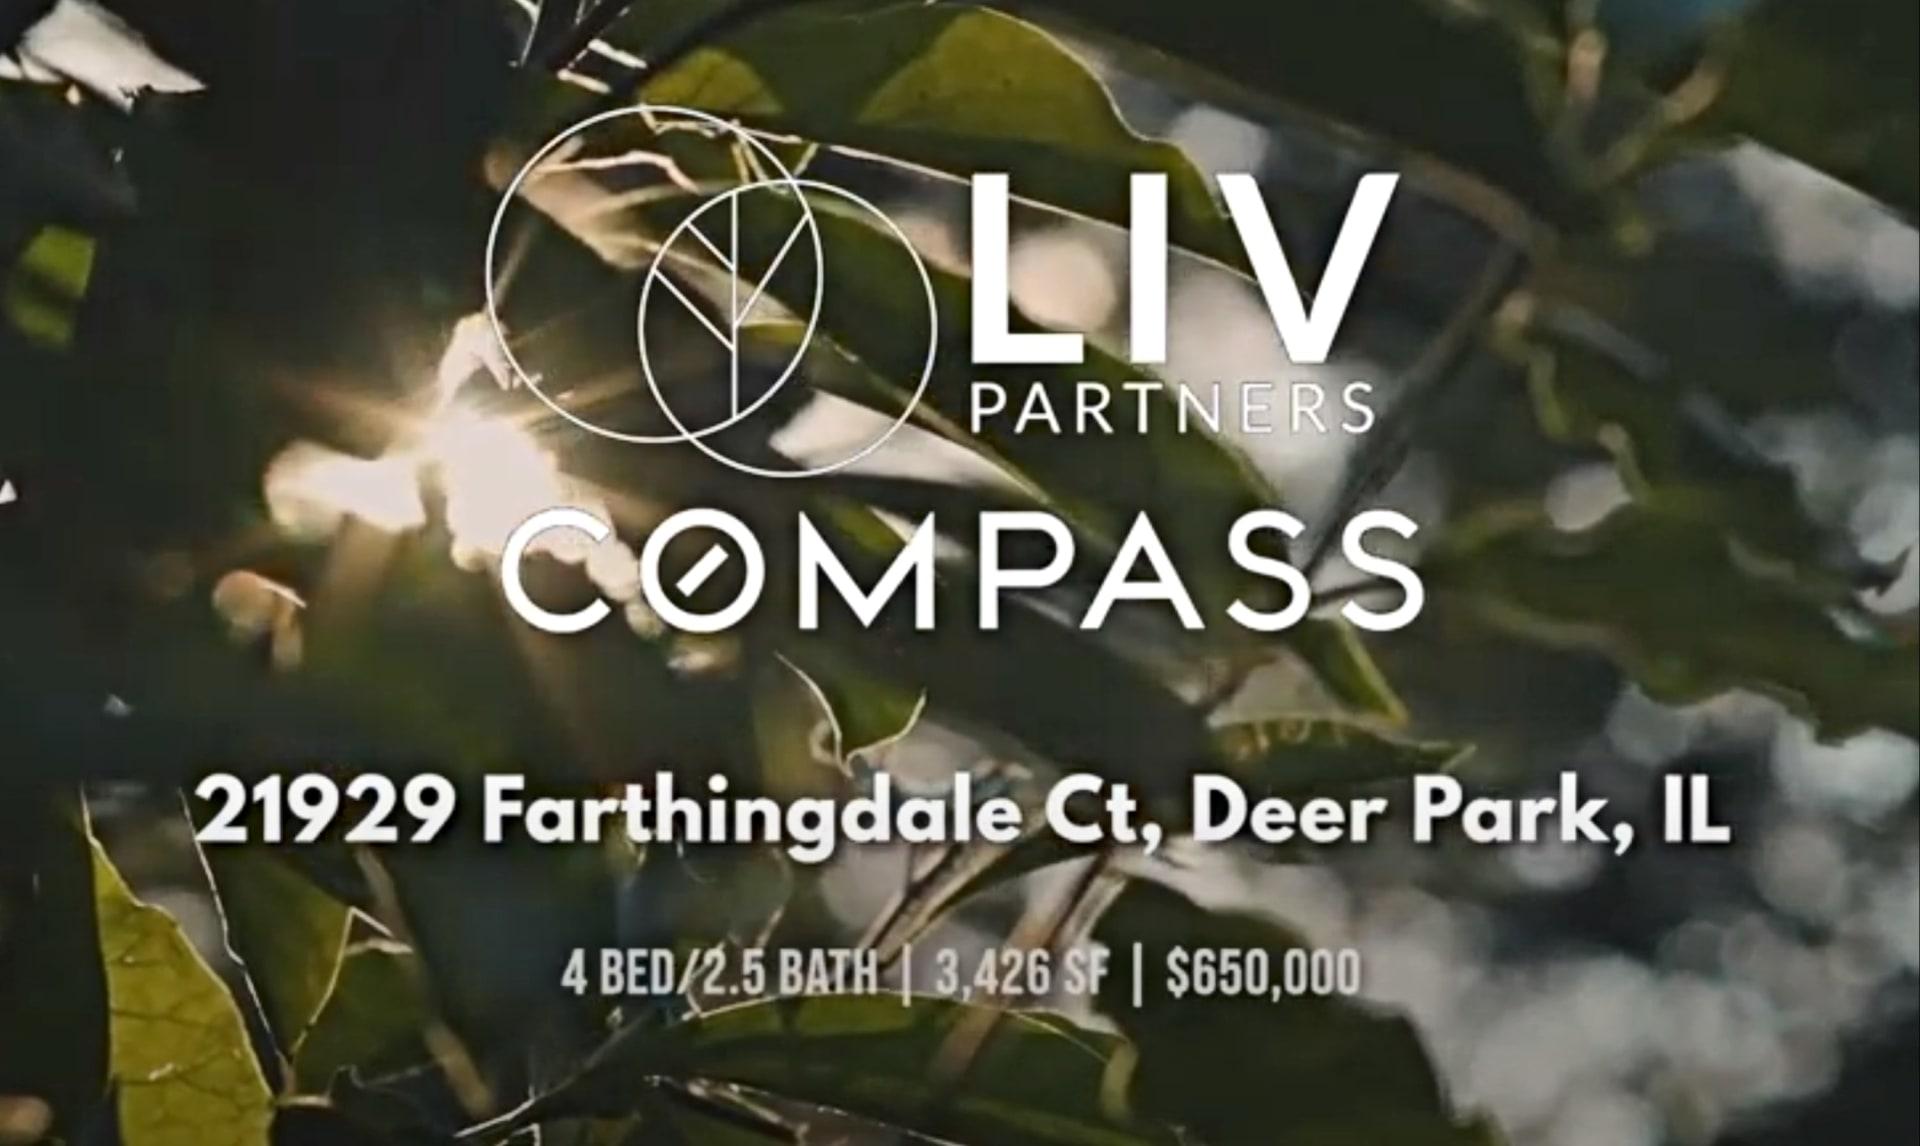 21929 Farthingdale Ct. Deer Park